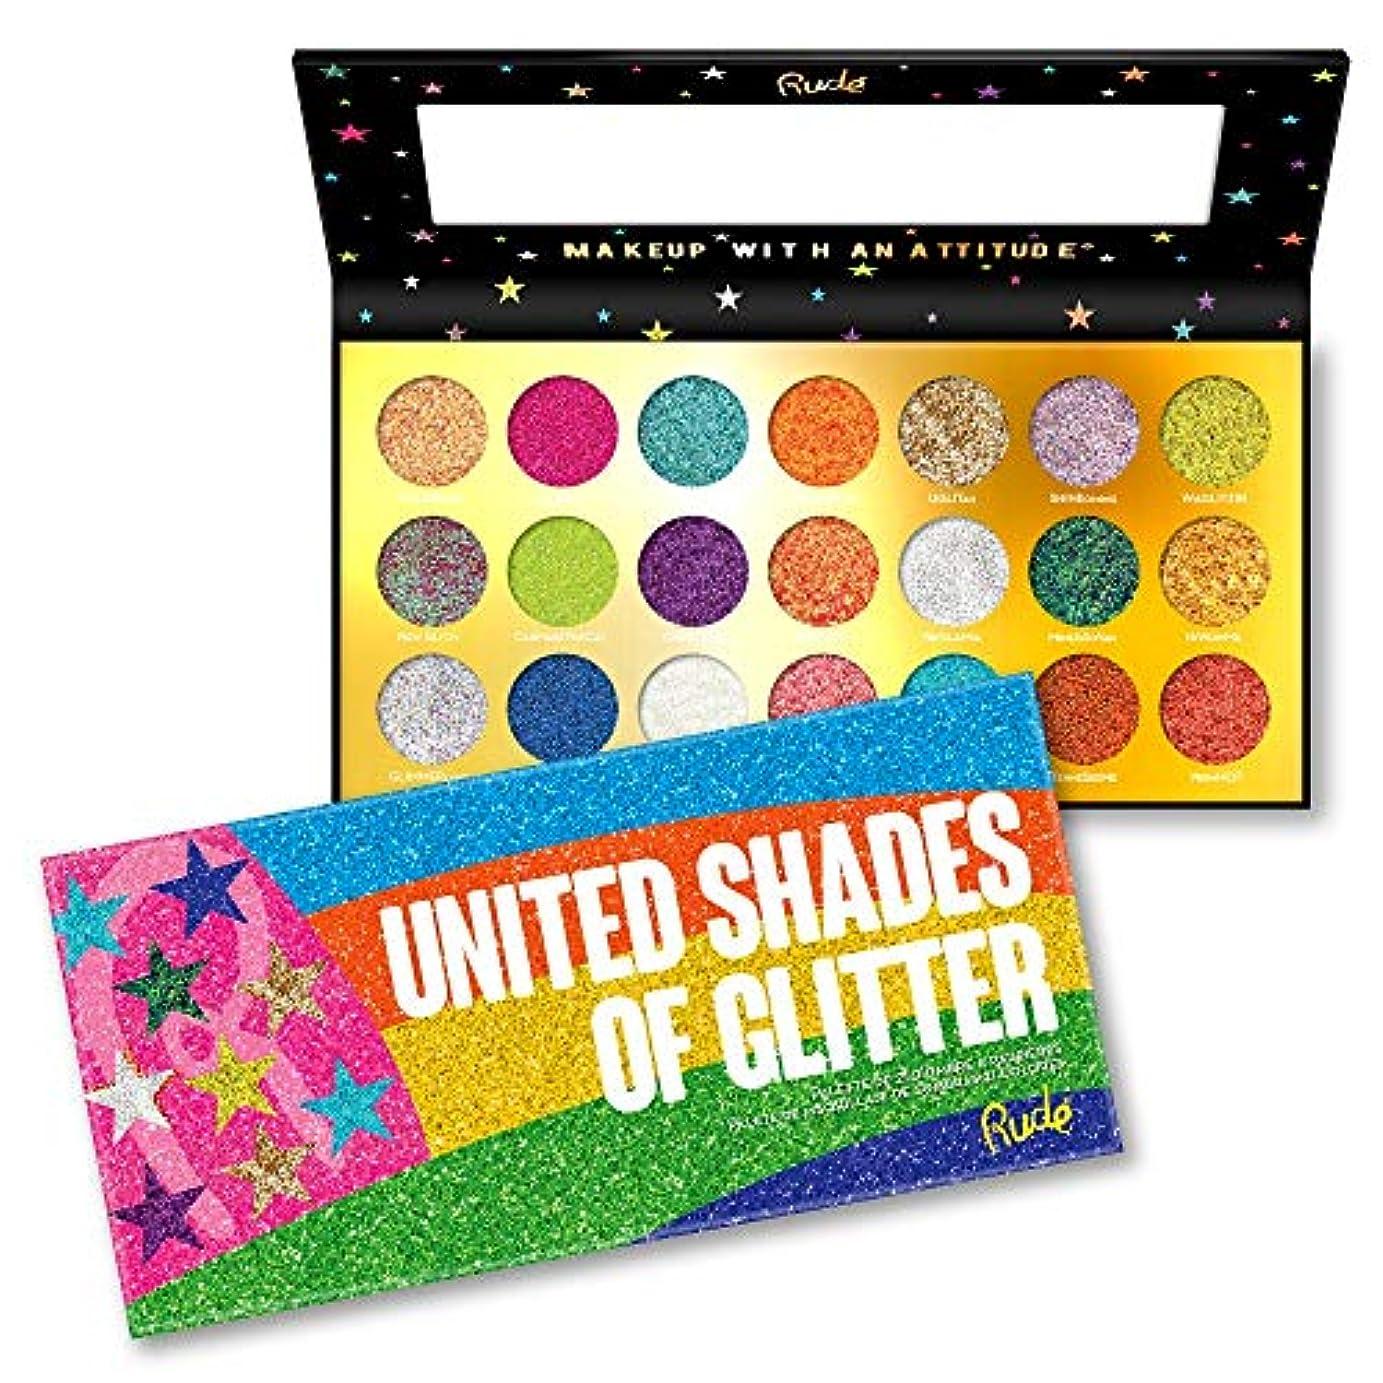 召喚するゴールデン国民RUDE? United Shades of Glitter - 21 Pressed Glitter Palette (並行輸入品)